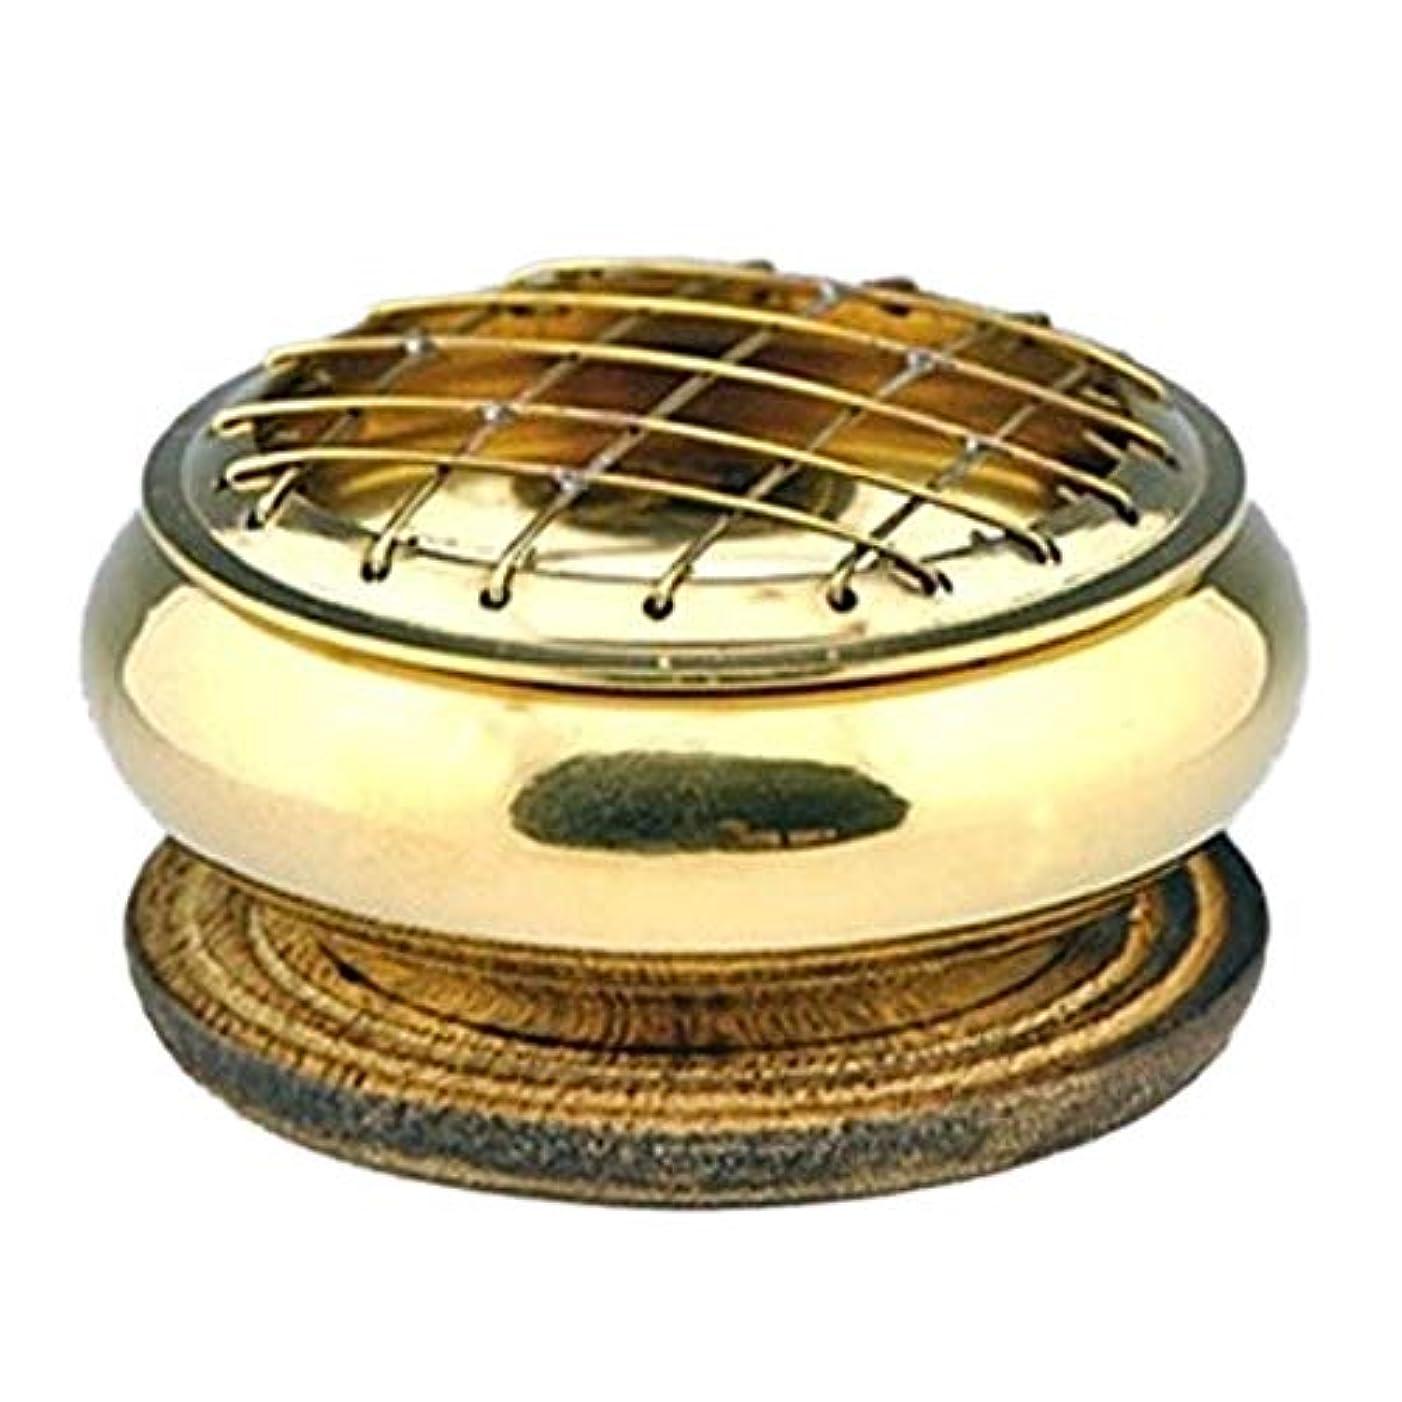 爵解決する句読点Sacred Tiger Incense Sampler Kit with Charcoal and Burner Shipped in a Beautiful Gift/Storage Box